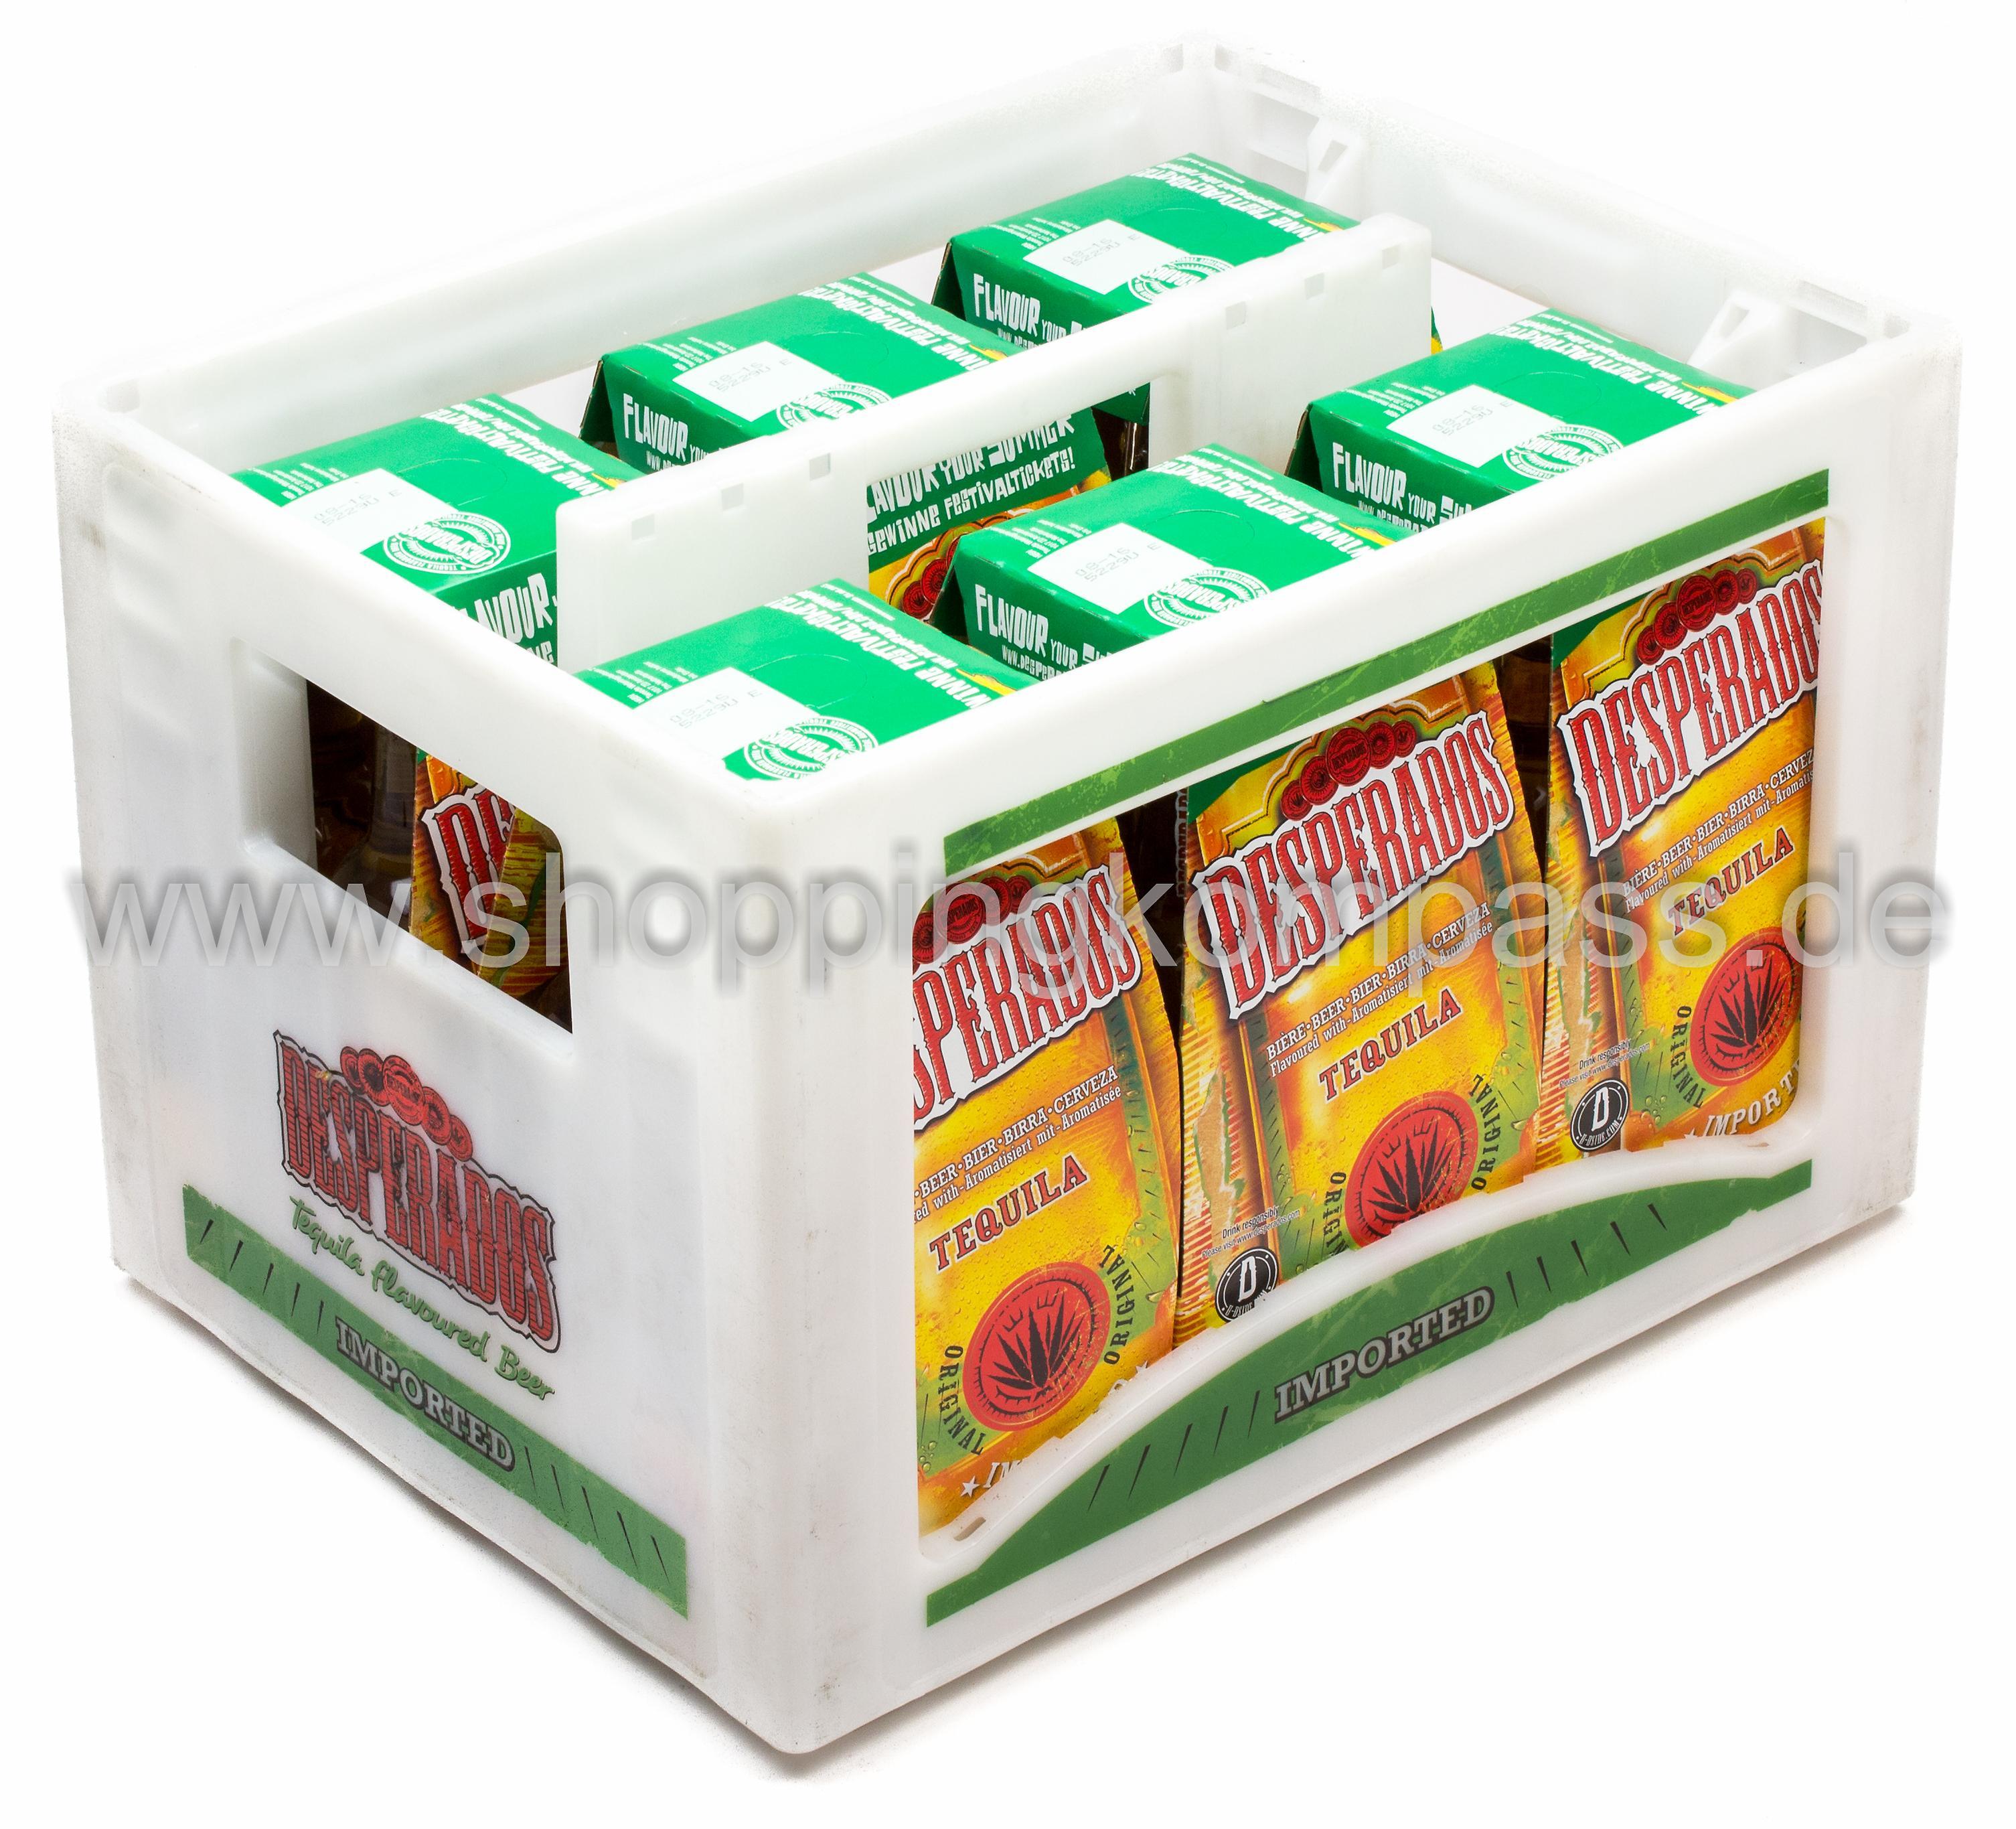 Desperados Tequila Bier Kasten 6 X 4 X 033 L Glas Mehrweg